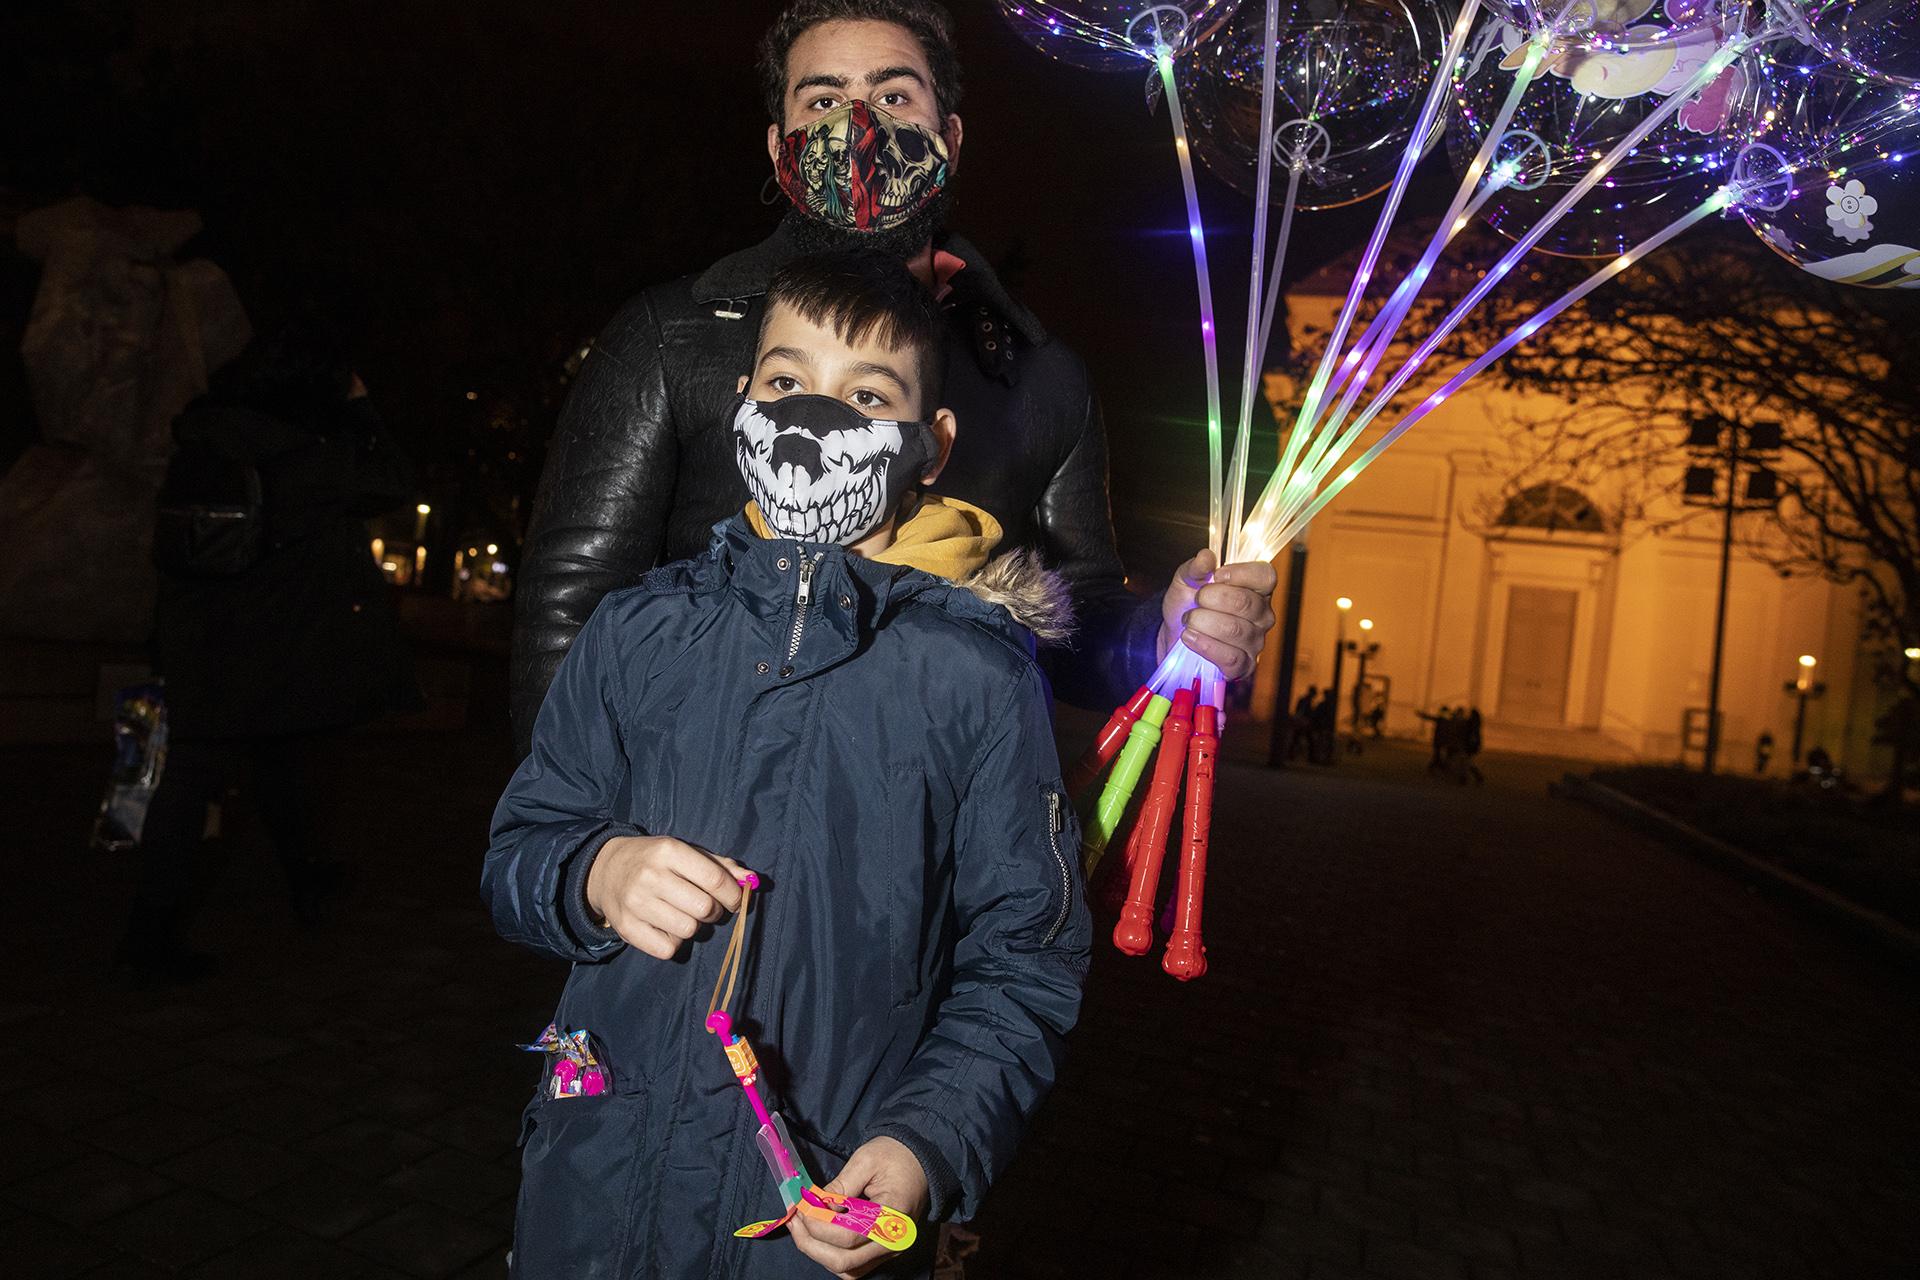 Leportréztuk a legjobb budapesti maszkokat: drog, perverz felirat, koponya és cuki állatkák a szöveten